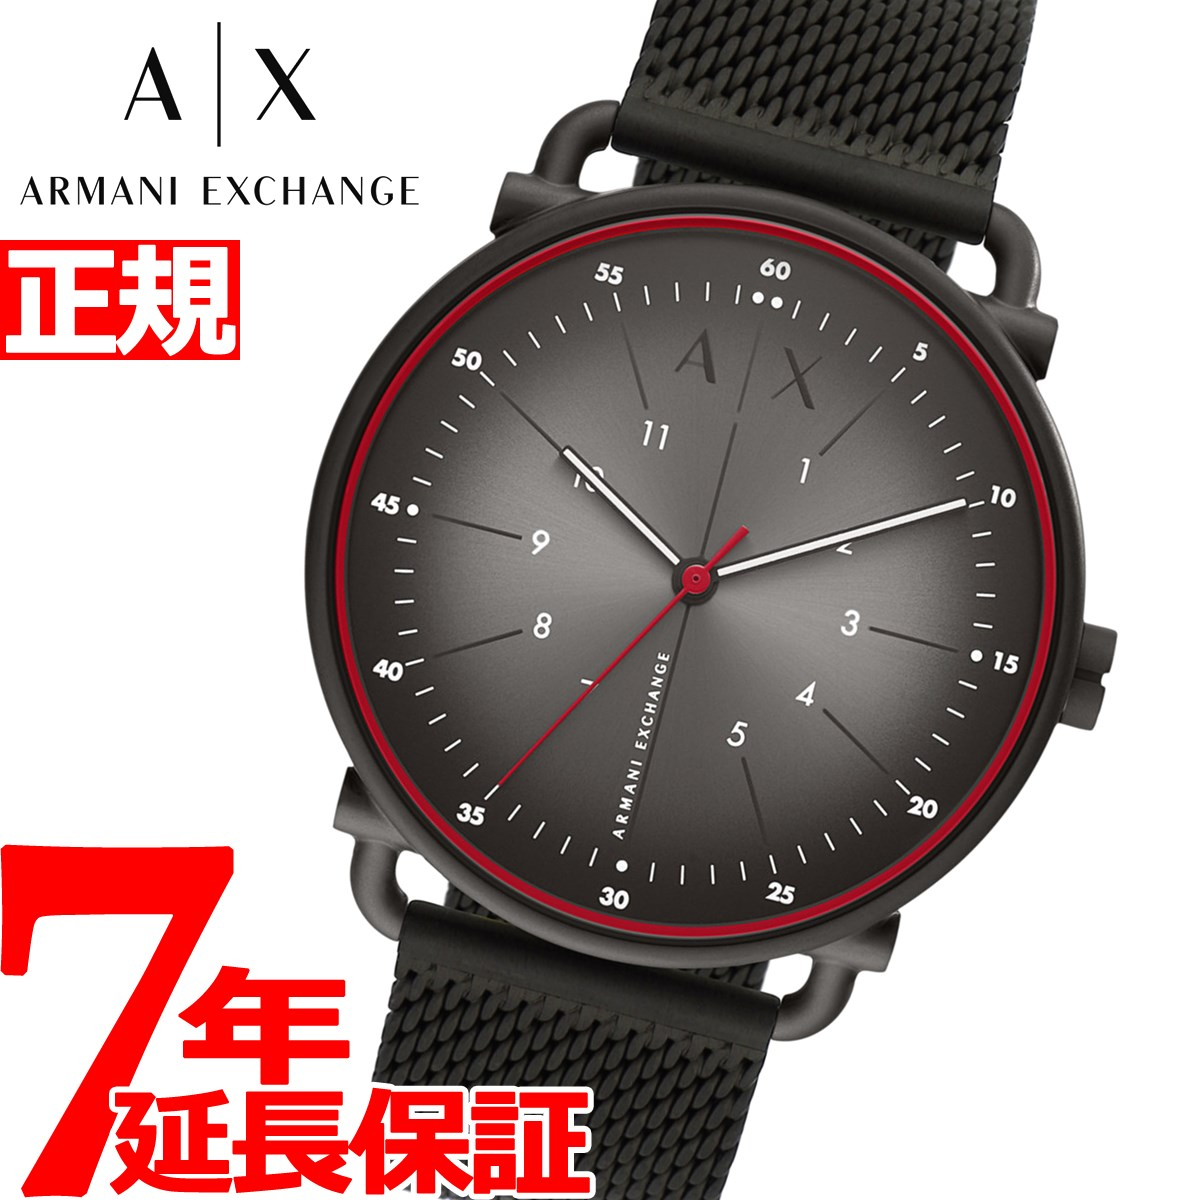 【5日0時~♪10%OFFクーポン&店内ポイント最大51倍!5日23時59分まで】A|X アルマーニ エクスチェンジ ARMANI EXCHANGE 腕時計 メンズ ロッコ ROCCO AX2902【2020 新作】